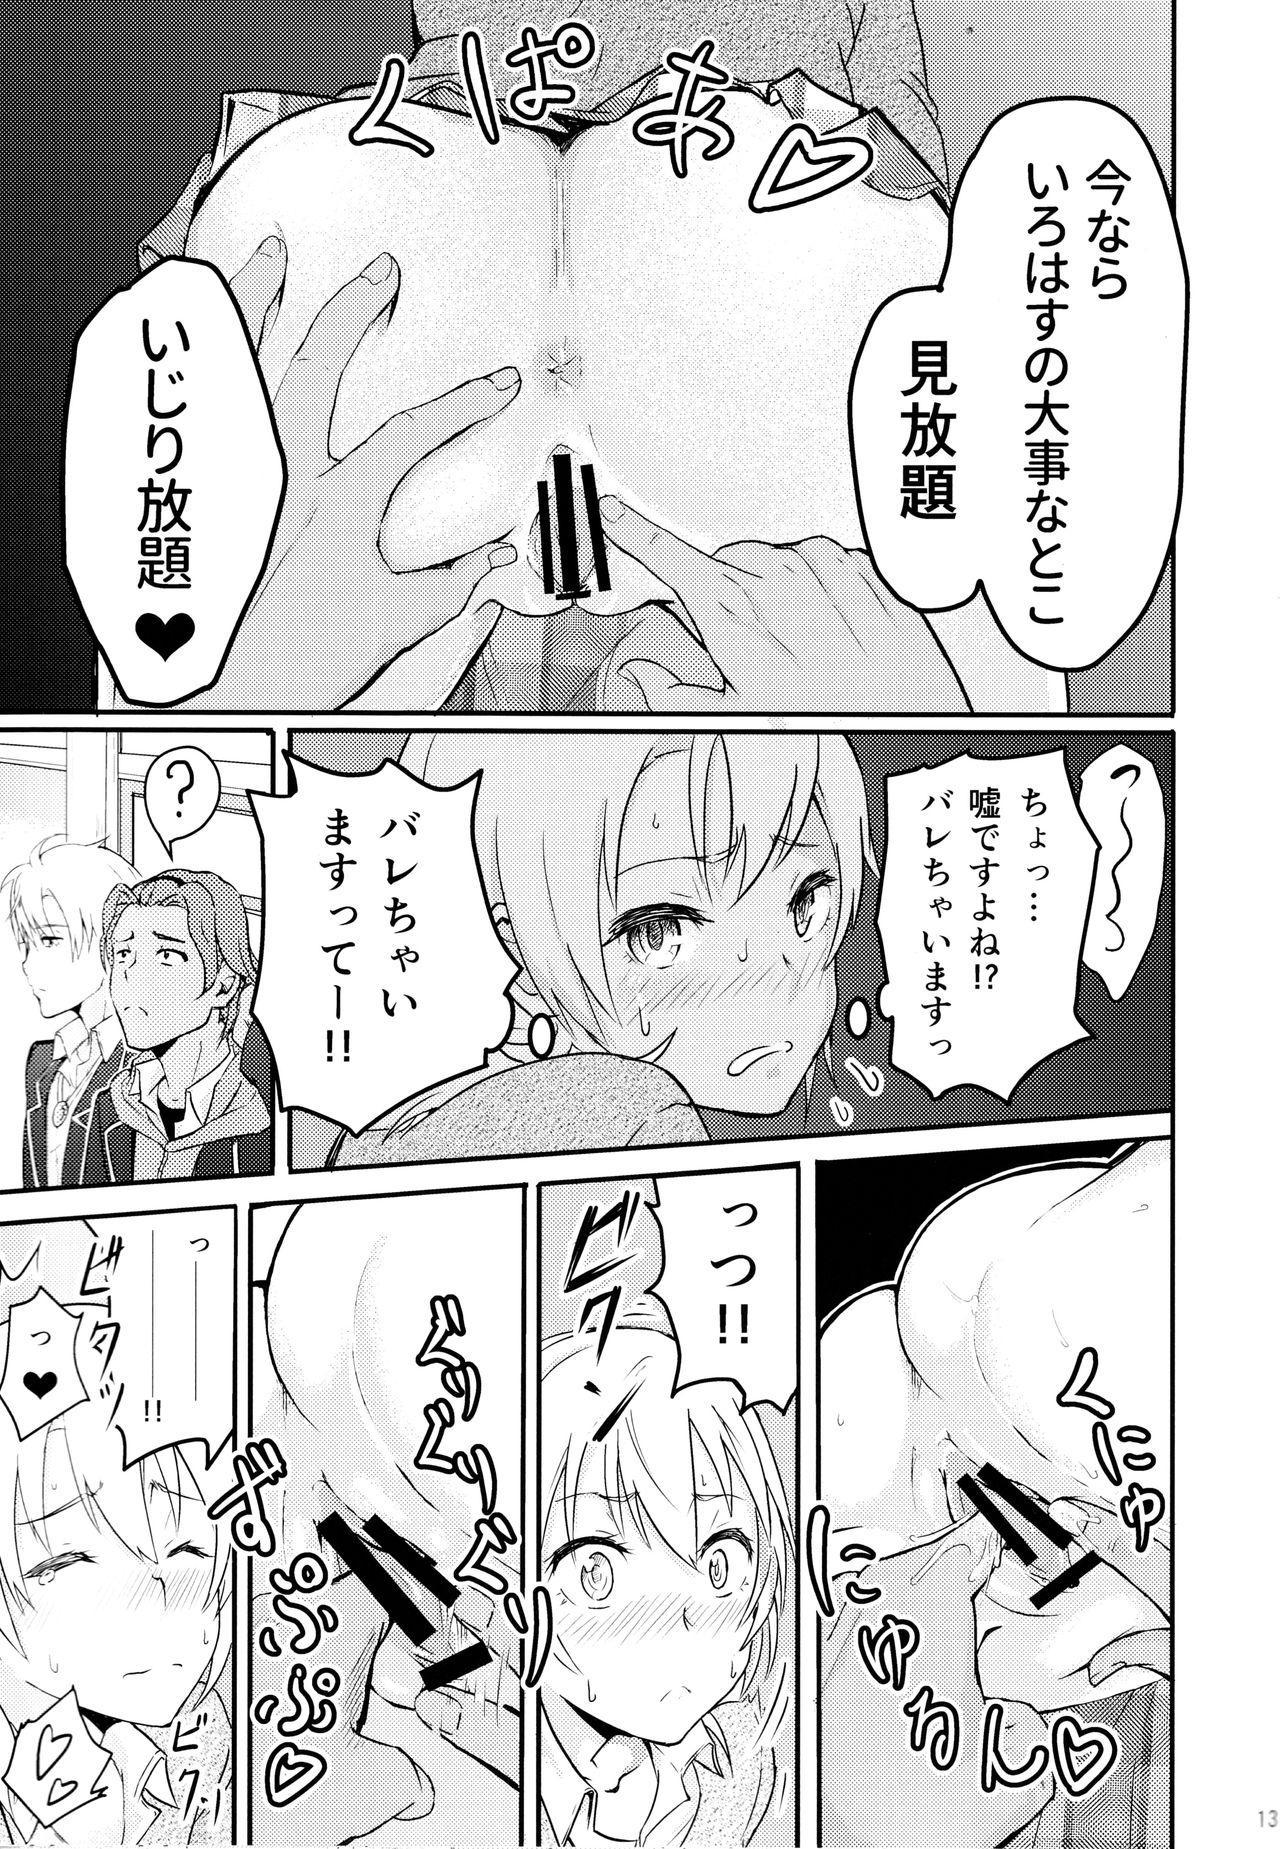 Iroha 11